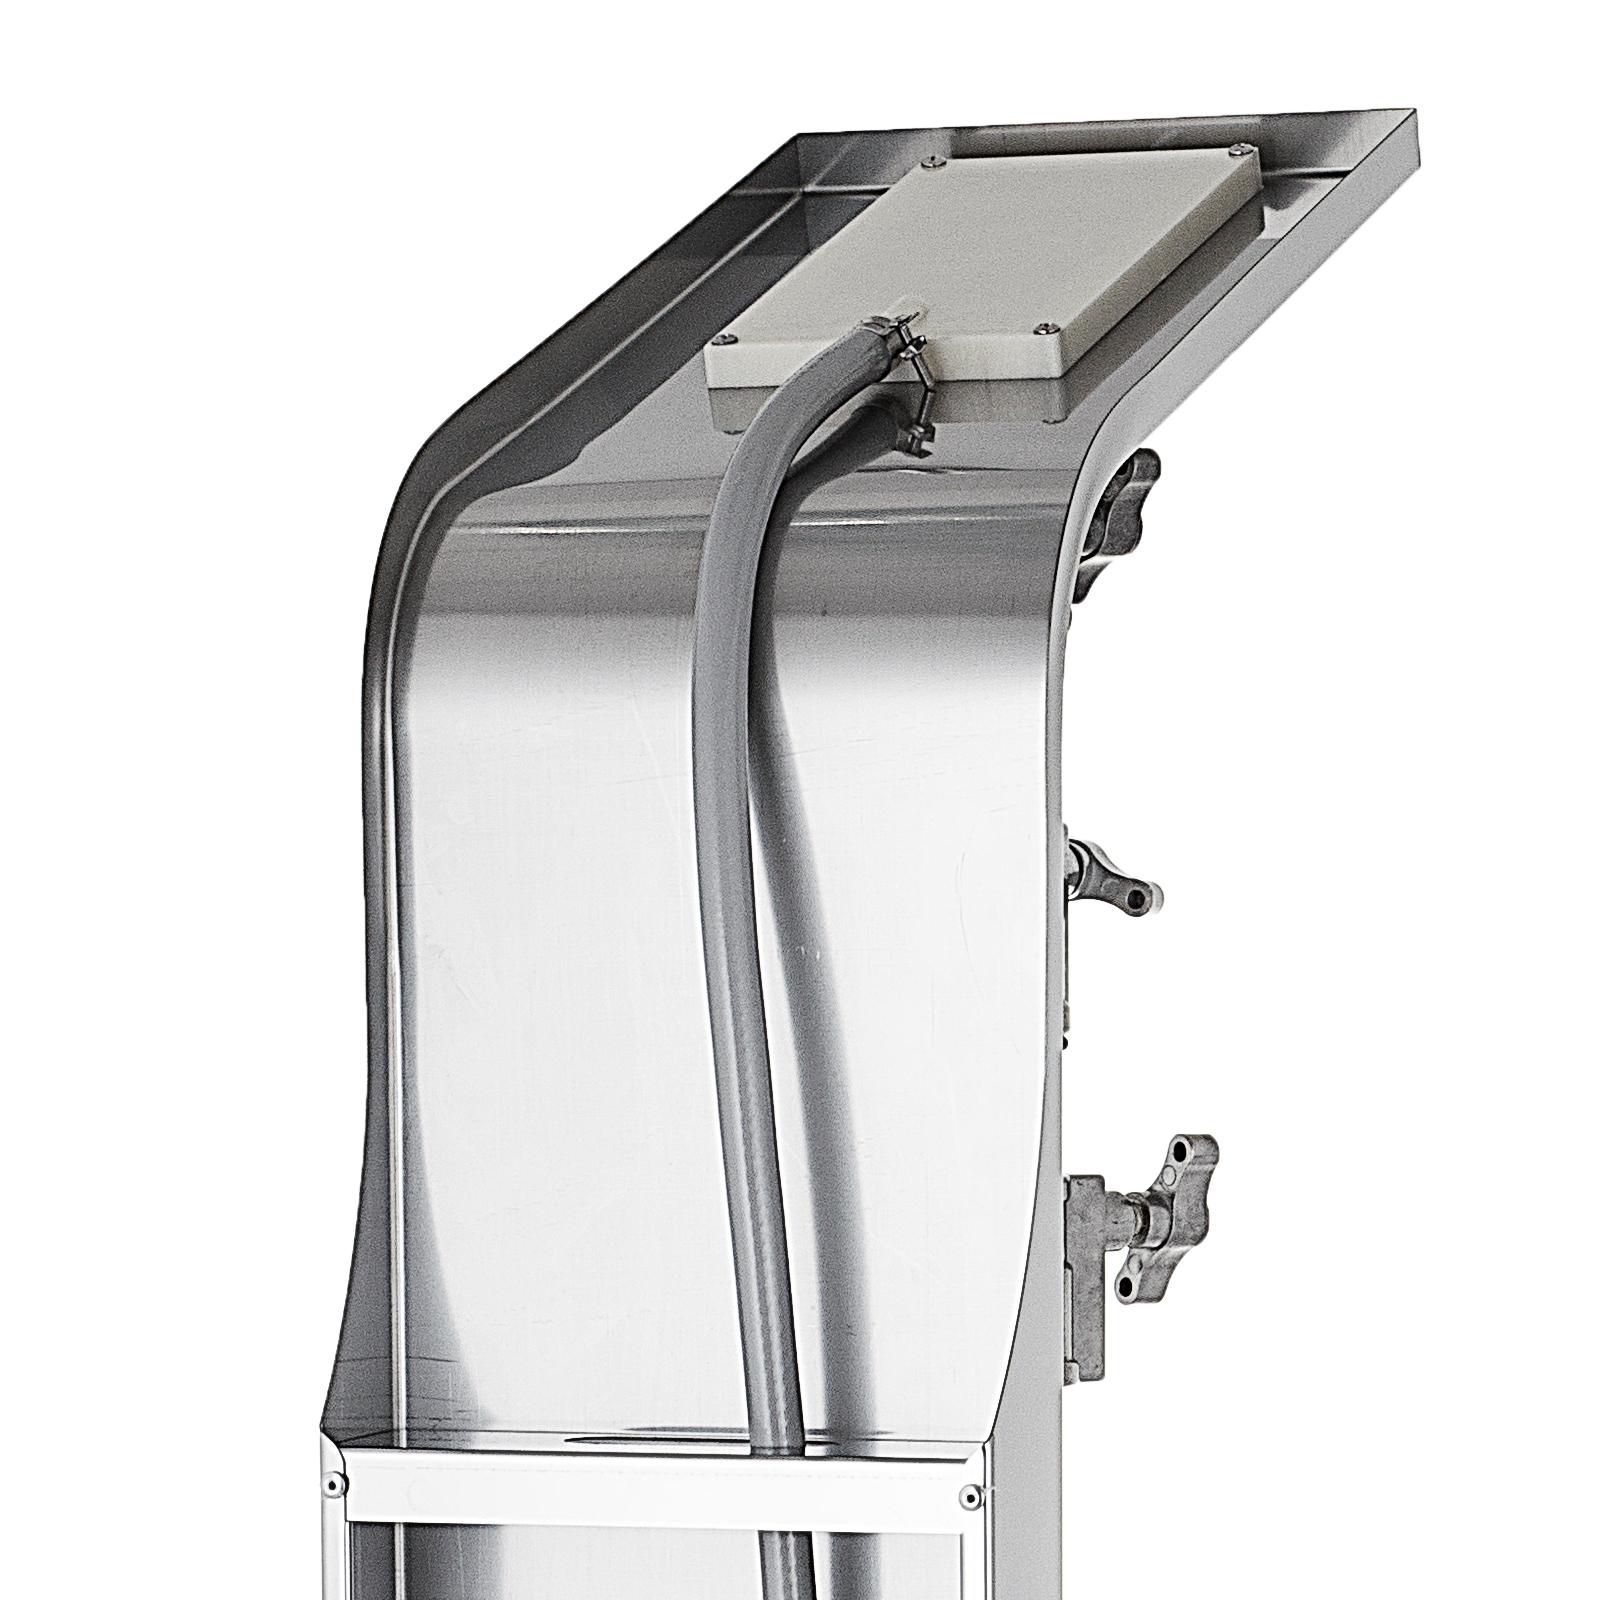 Pannello-doccia-idromassaggio-colonna-in-acciaio-inossidabile-con-miscelatore miniatura 36